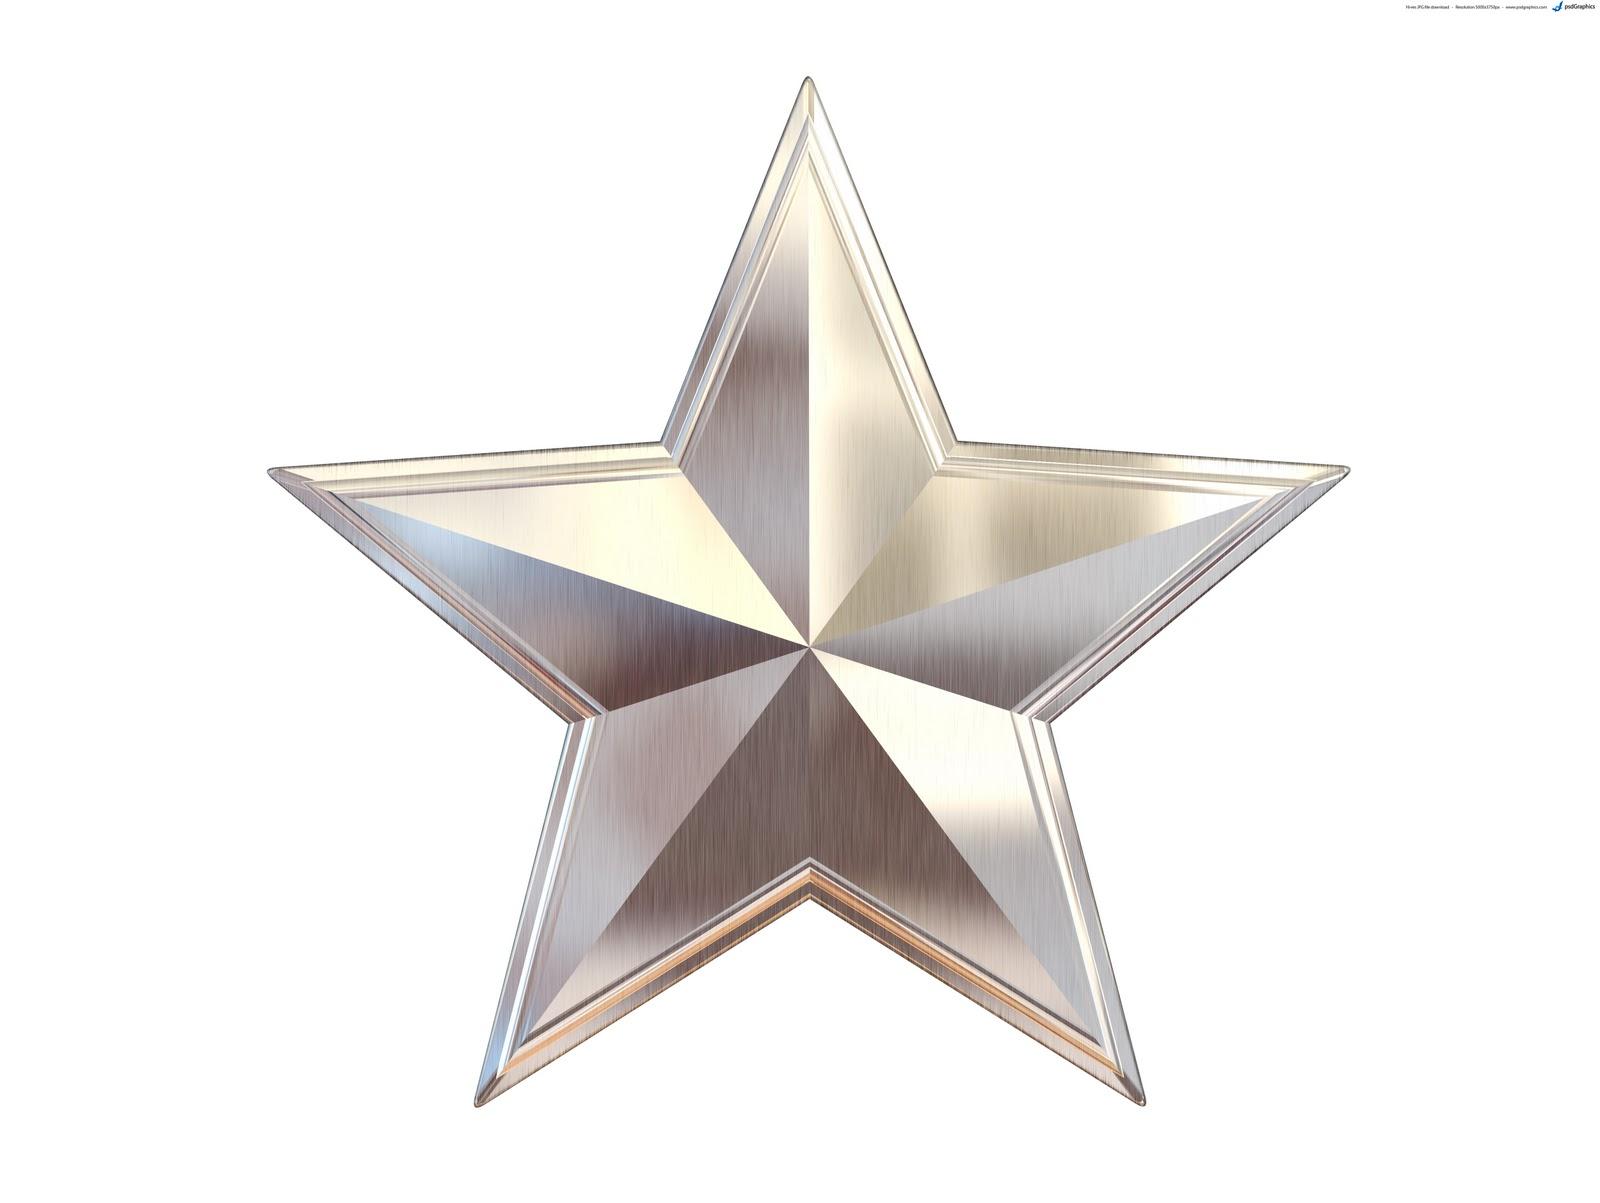 http://1.bp.blogspot.com/-lLb6rfbgoI0/Tv6b3VnJTJI/AAAAAAAADLk/LAjAqSqyq18/s1600/silver-star.jpg